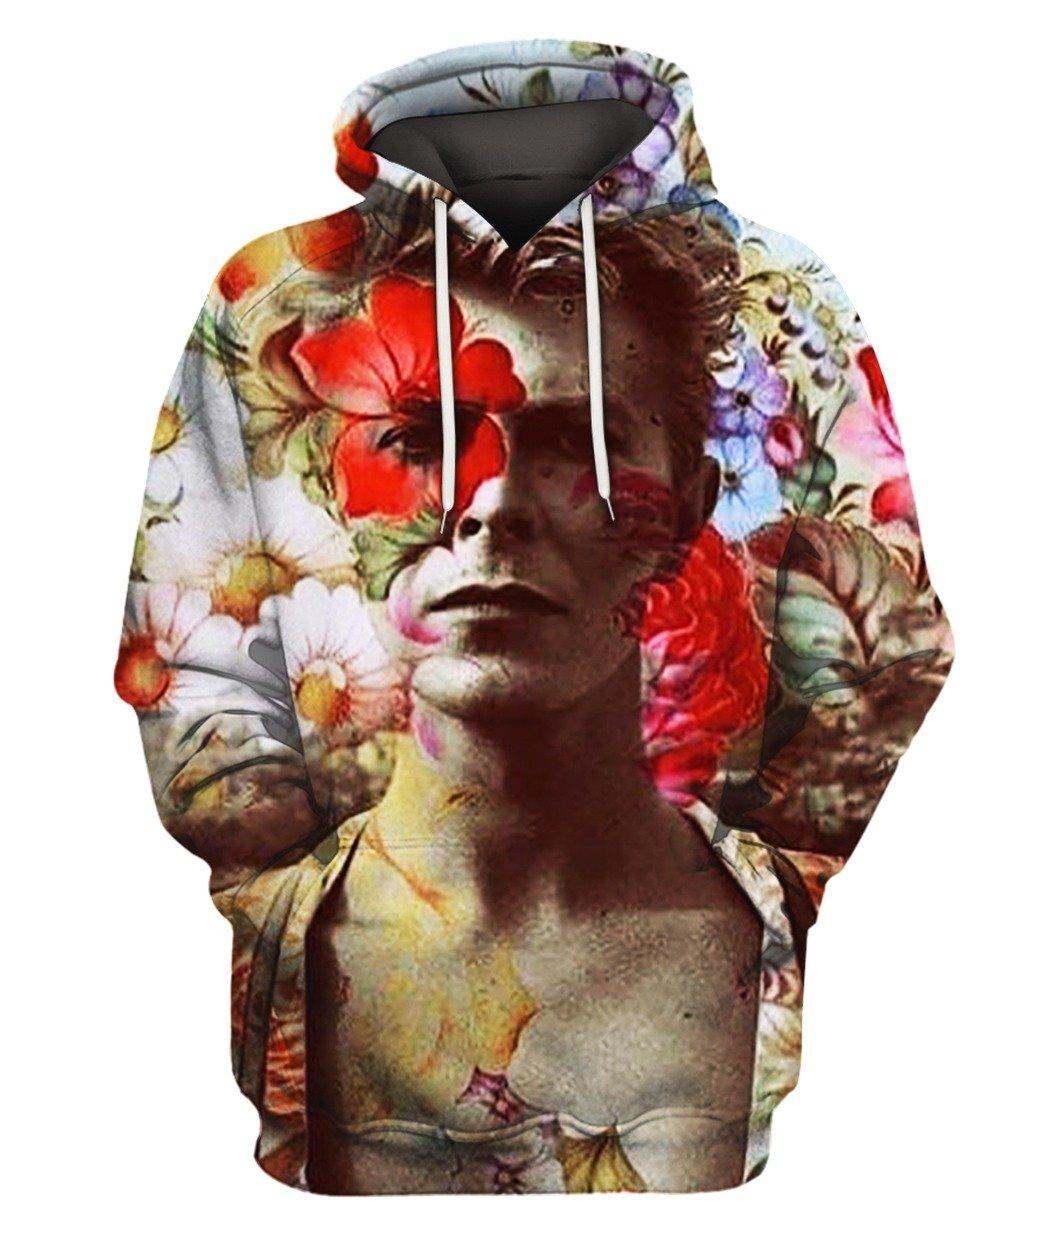 David Bowie Flower 3d Full Printed Hoodie 3d Graphic Printed Tshirt Hoodie Up To 5xl